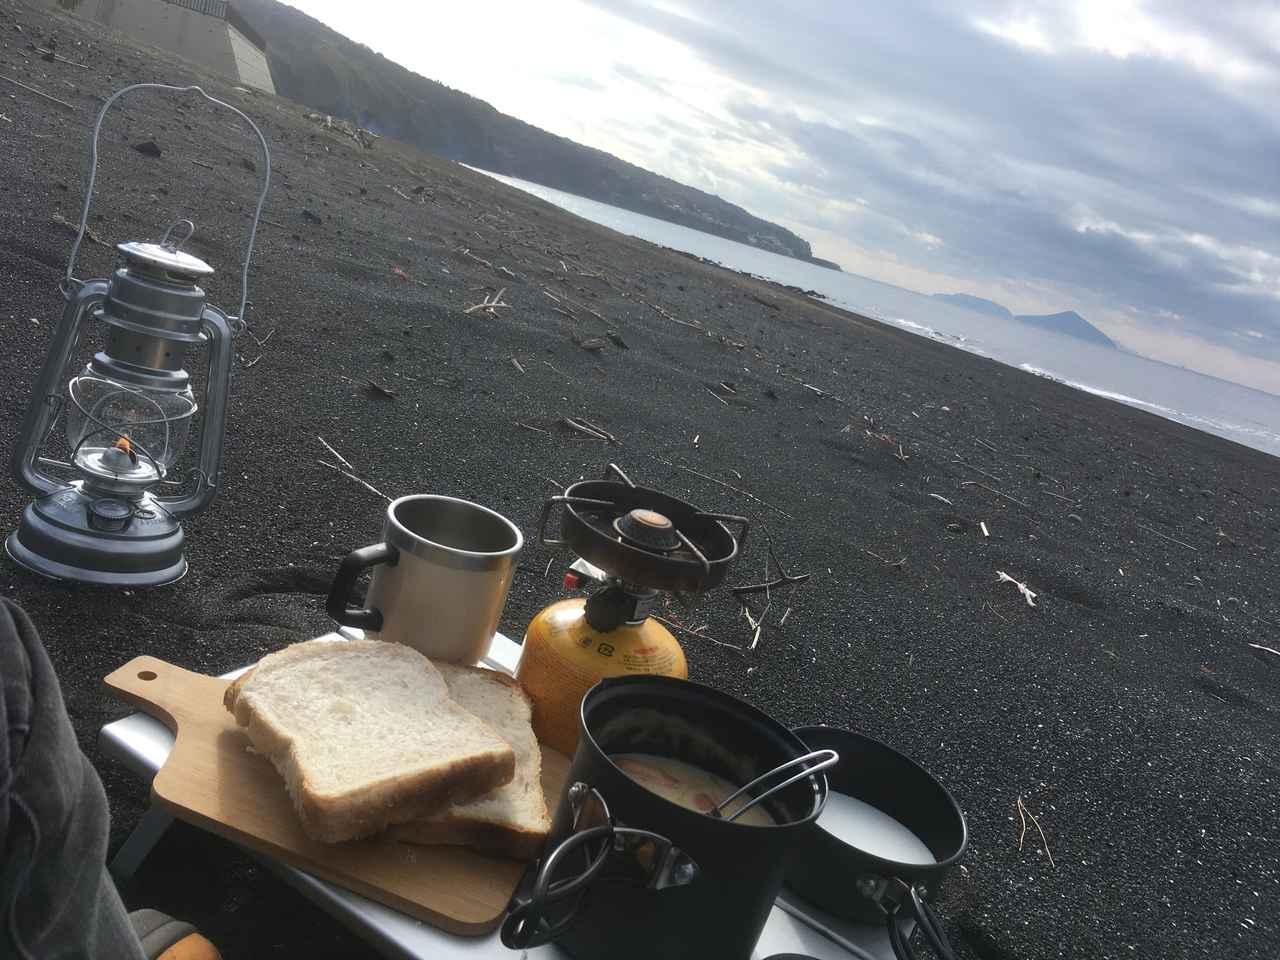 【ソロキャンプ飯】ご飯作りを楽にするコツ! おすすめ簡単レシピや洗い物の方法も